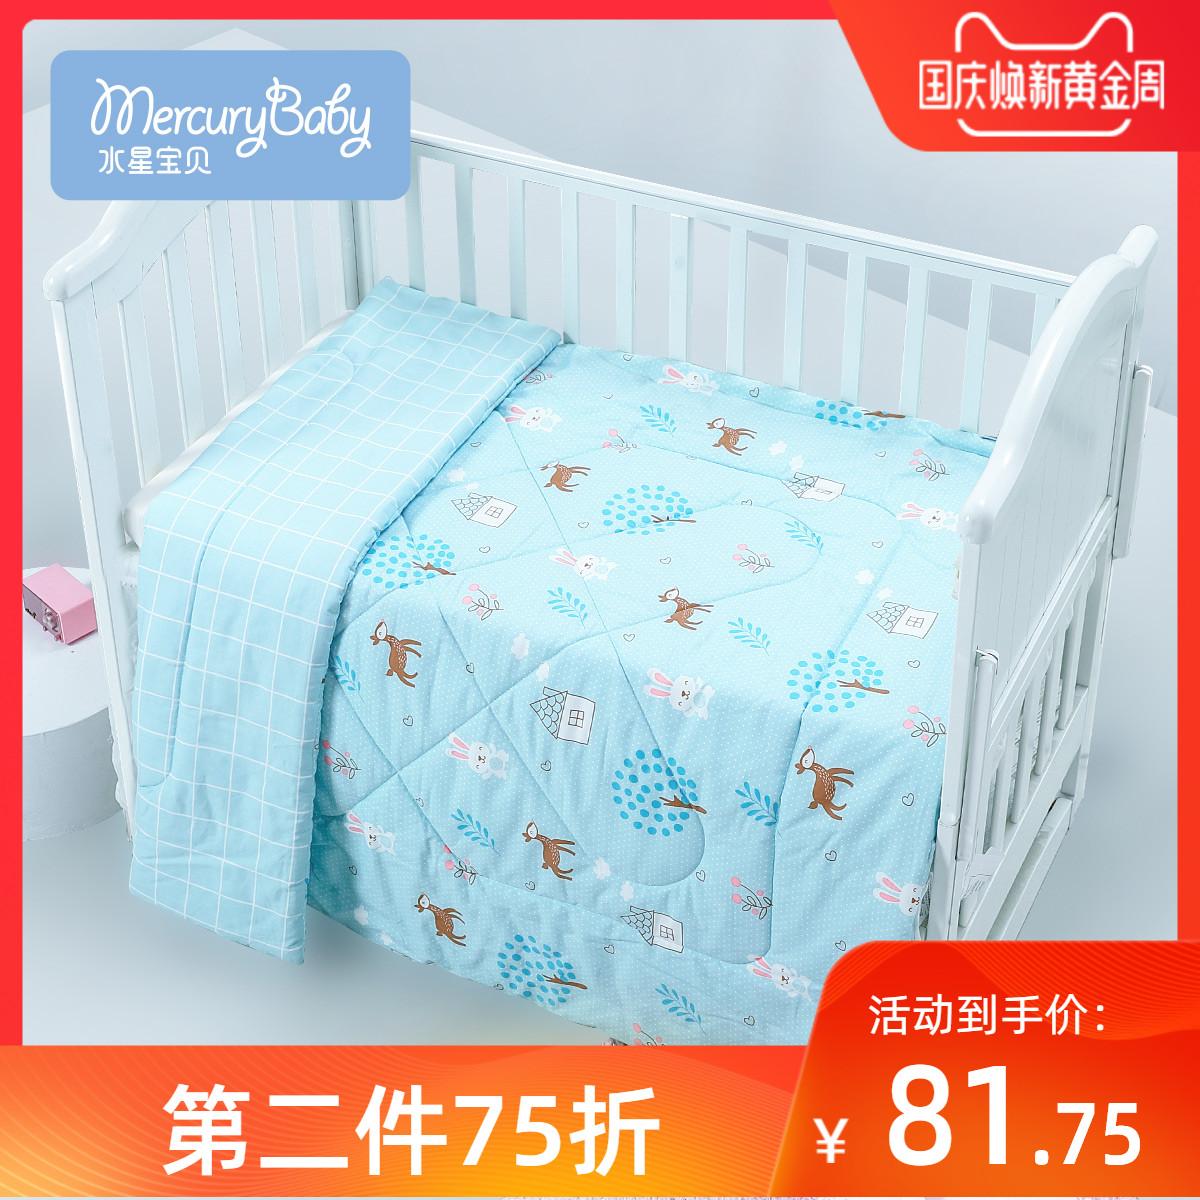 限时2件3折婴儿被子纯棉四季通用宝宝空调被幼儿园小棉被春秋冬新生儿童盖被